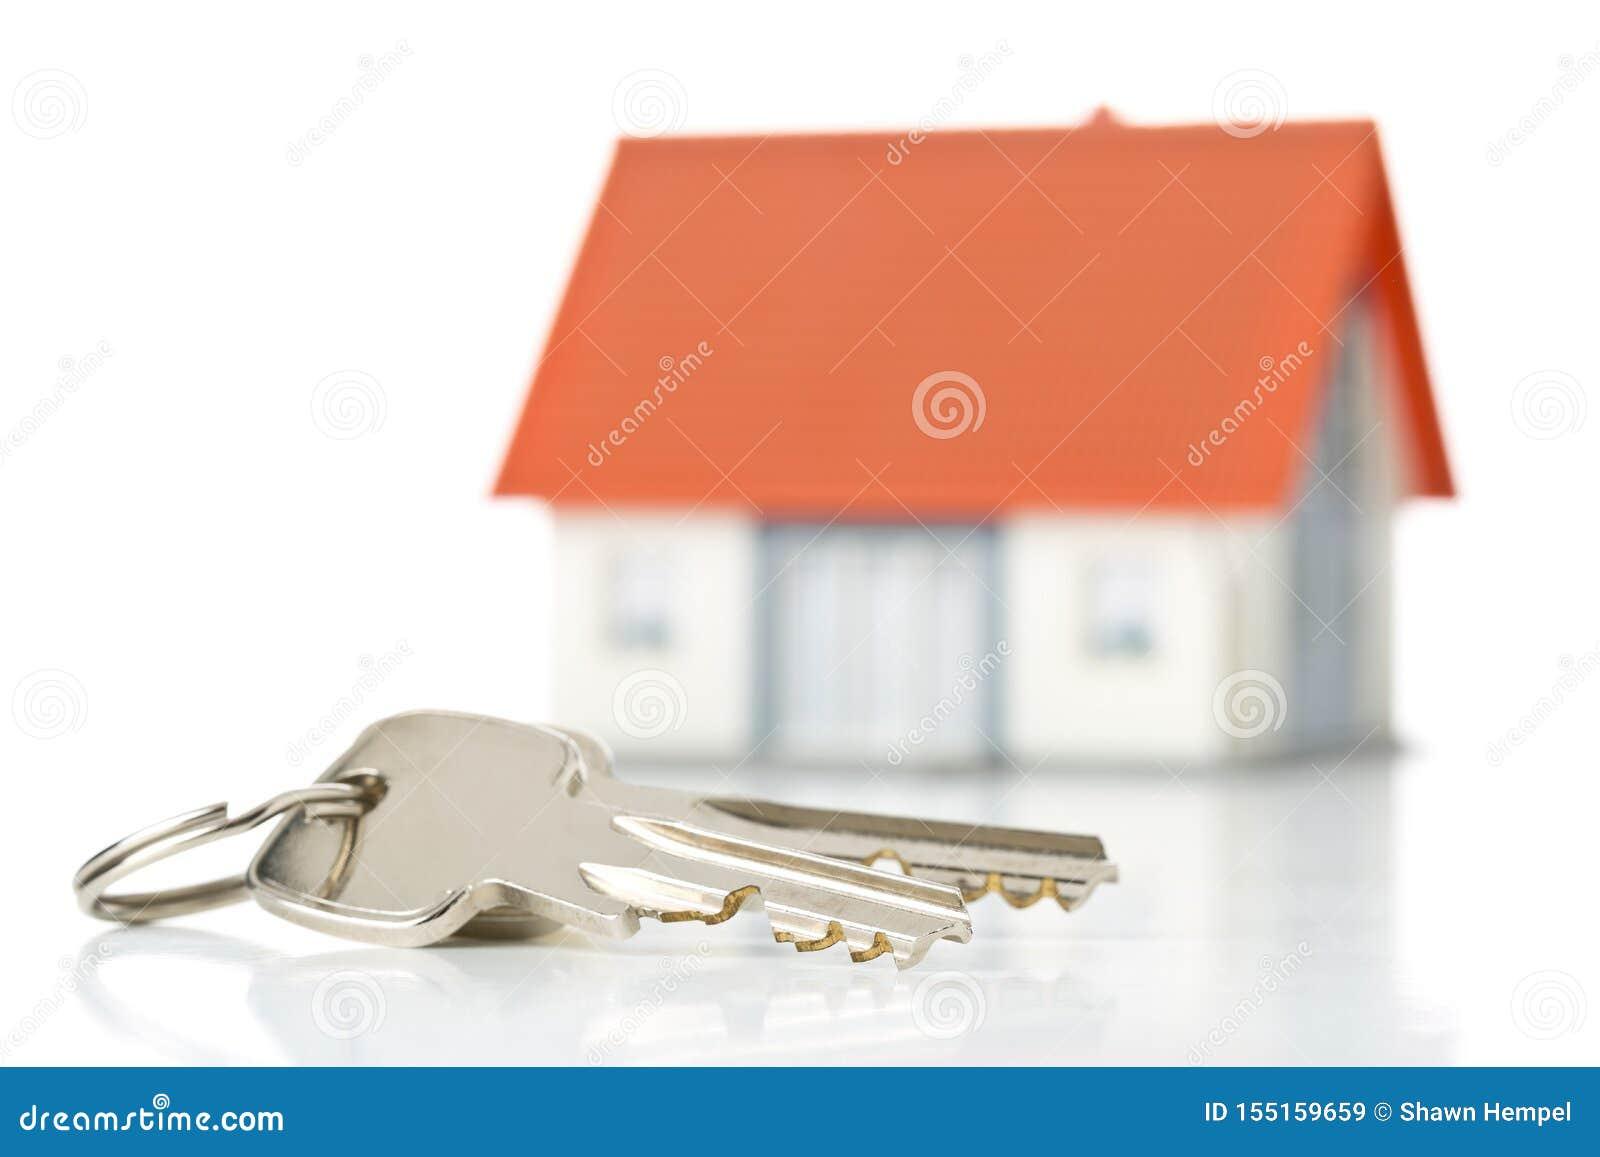 Hausschlüssel vor Musterhaus über weißem Hintergrund - Hauseigentümer, Immobilien oder Wohnungsbaukonzept